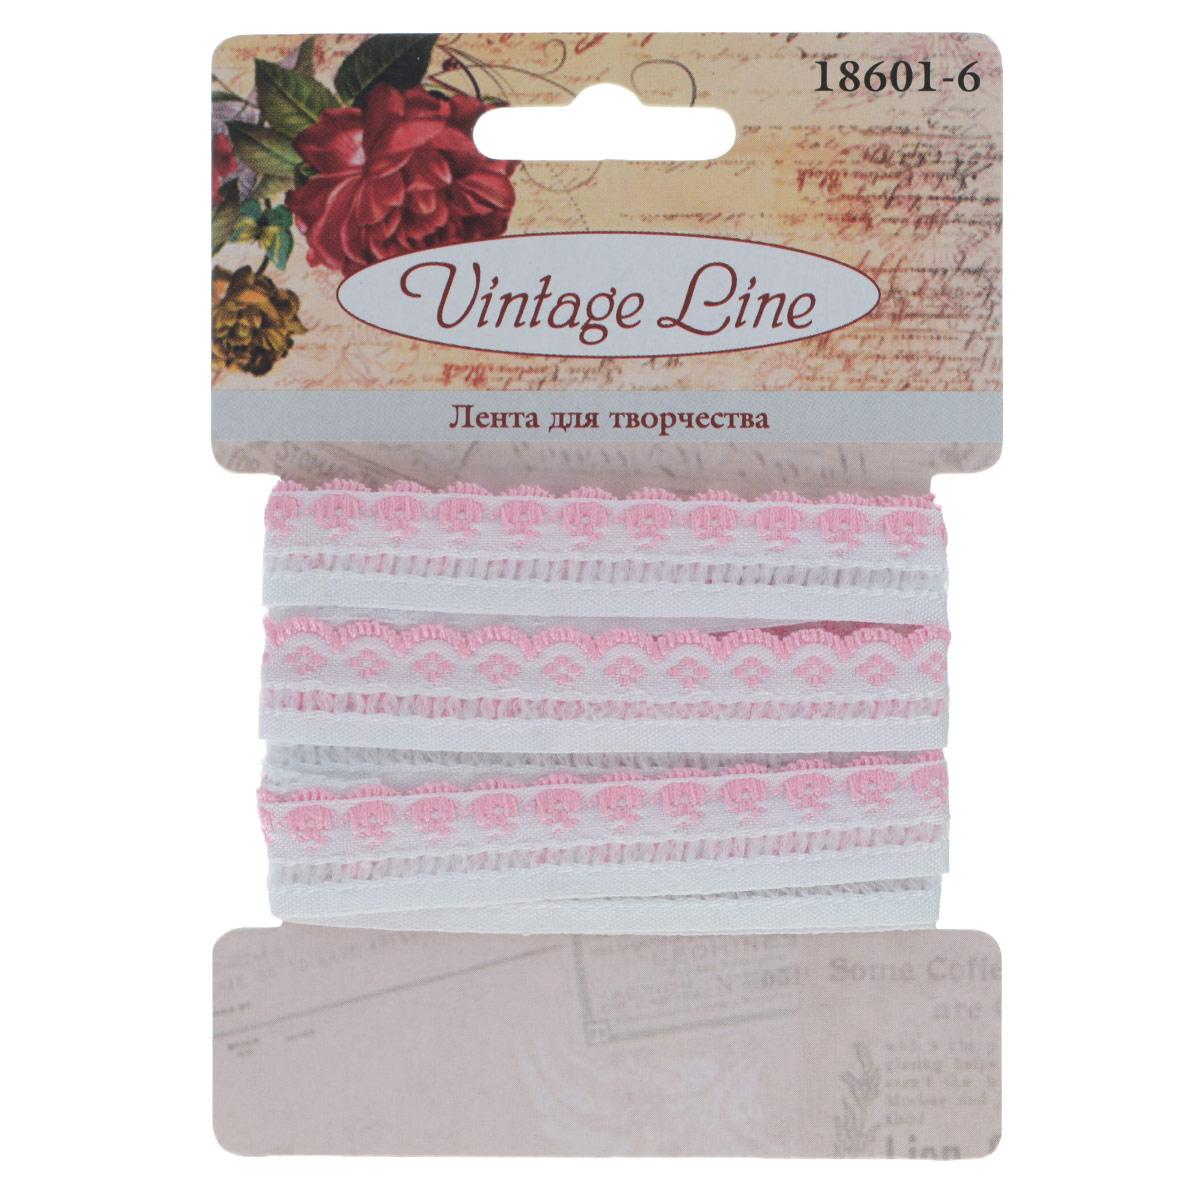 Лента декоративная Vintage Line, цвет: белый, розовый, 1,2 см х 150 см. 77096547708121Декоративная лента Vintage Line выполнена из текстиля и оформлена вышивкой. Такая лента идеально подойдет для оформления различных творческих работ таких, как скрапбукинг, аппликация, декор коробок и открыток и многое другое.Лента наивысшего качества практична в использовании. Она станет незаменимым элементом в создании рукотворного шедевра. Ширина: 1,2 см. Длина: 1,5 м.